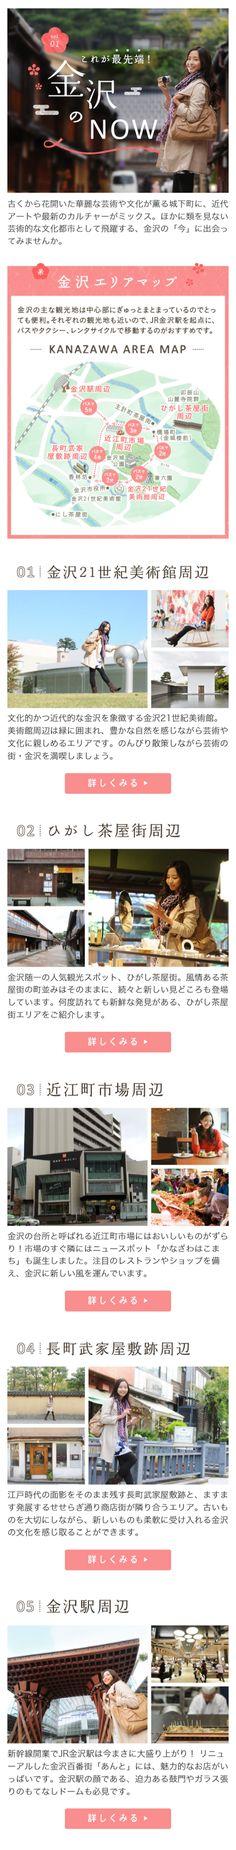 金沢のNOW WEBデザイナーさん必見!スマホランディングページのデザイン参考に(かわいい系)